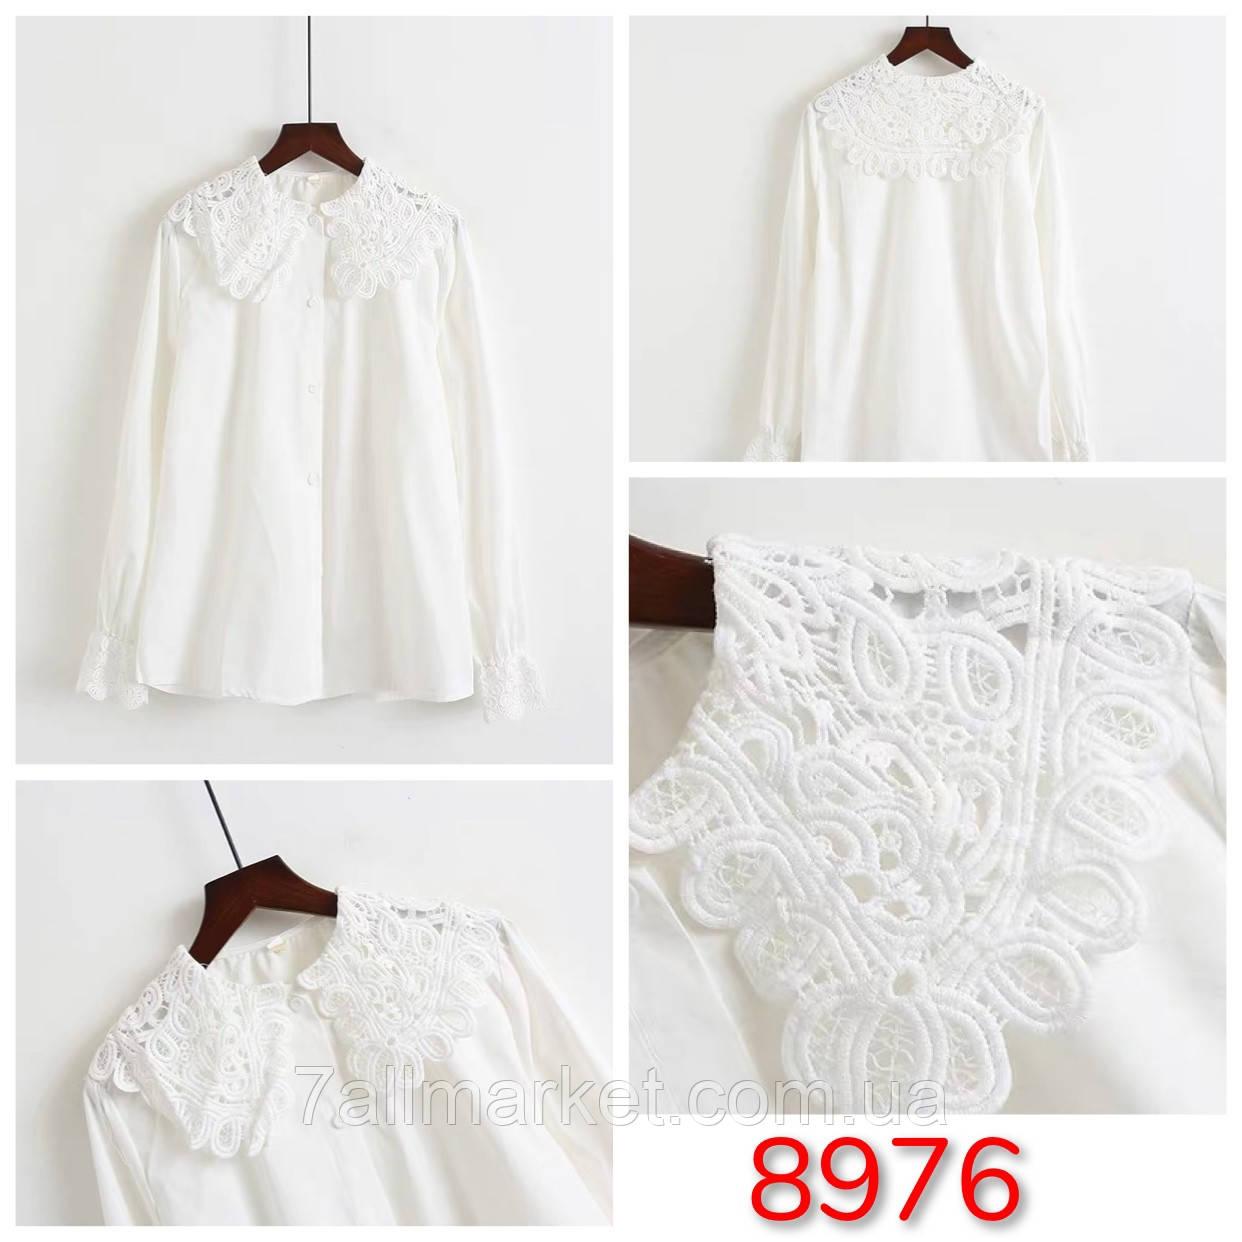 """Блузка жіноча ексклюзив з мереживним коміром розмір 42-46 """"SPRING"""" недорого від прямого постачальника"""